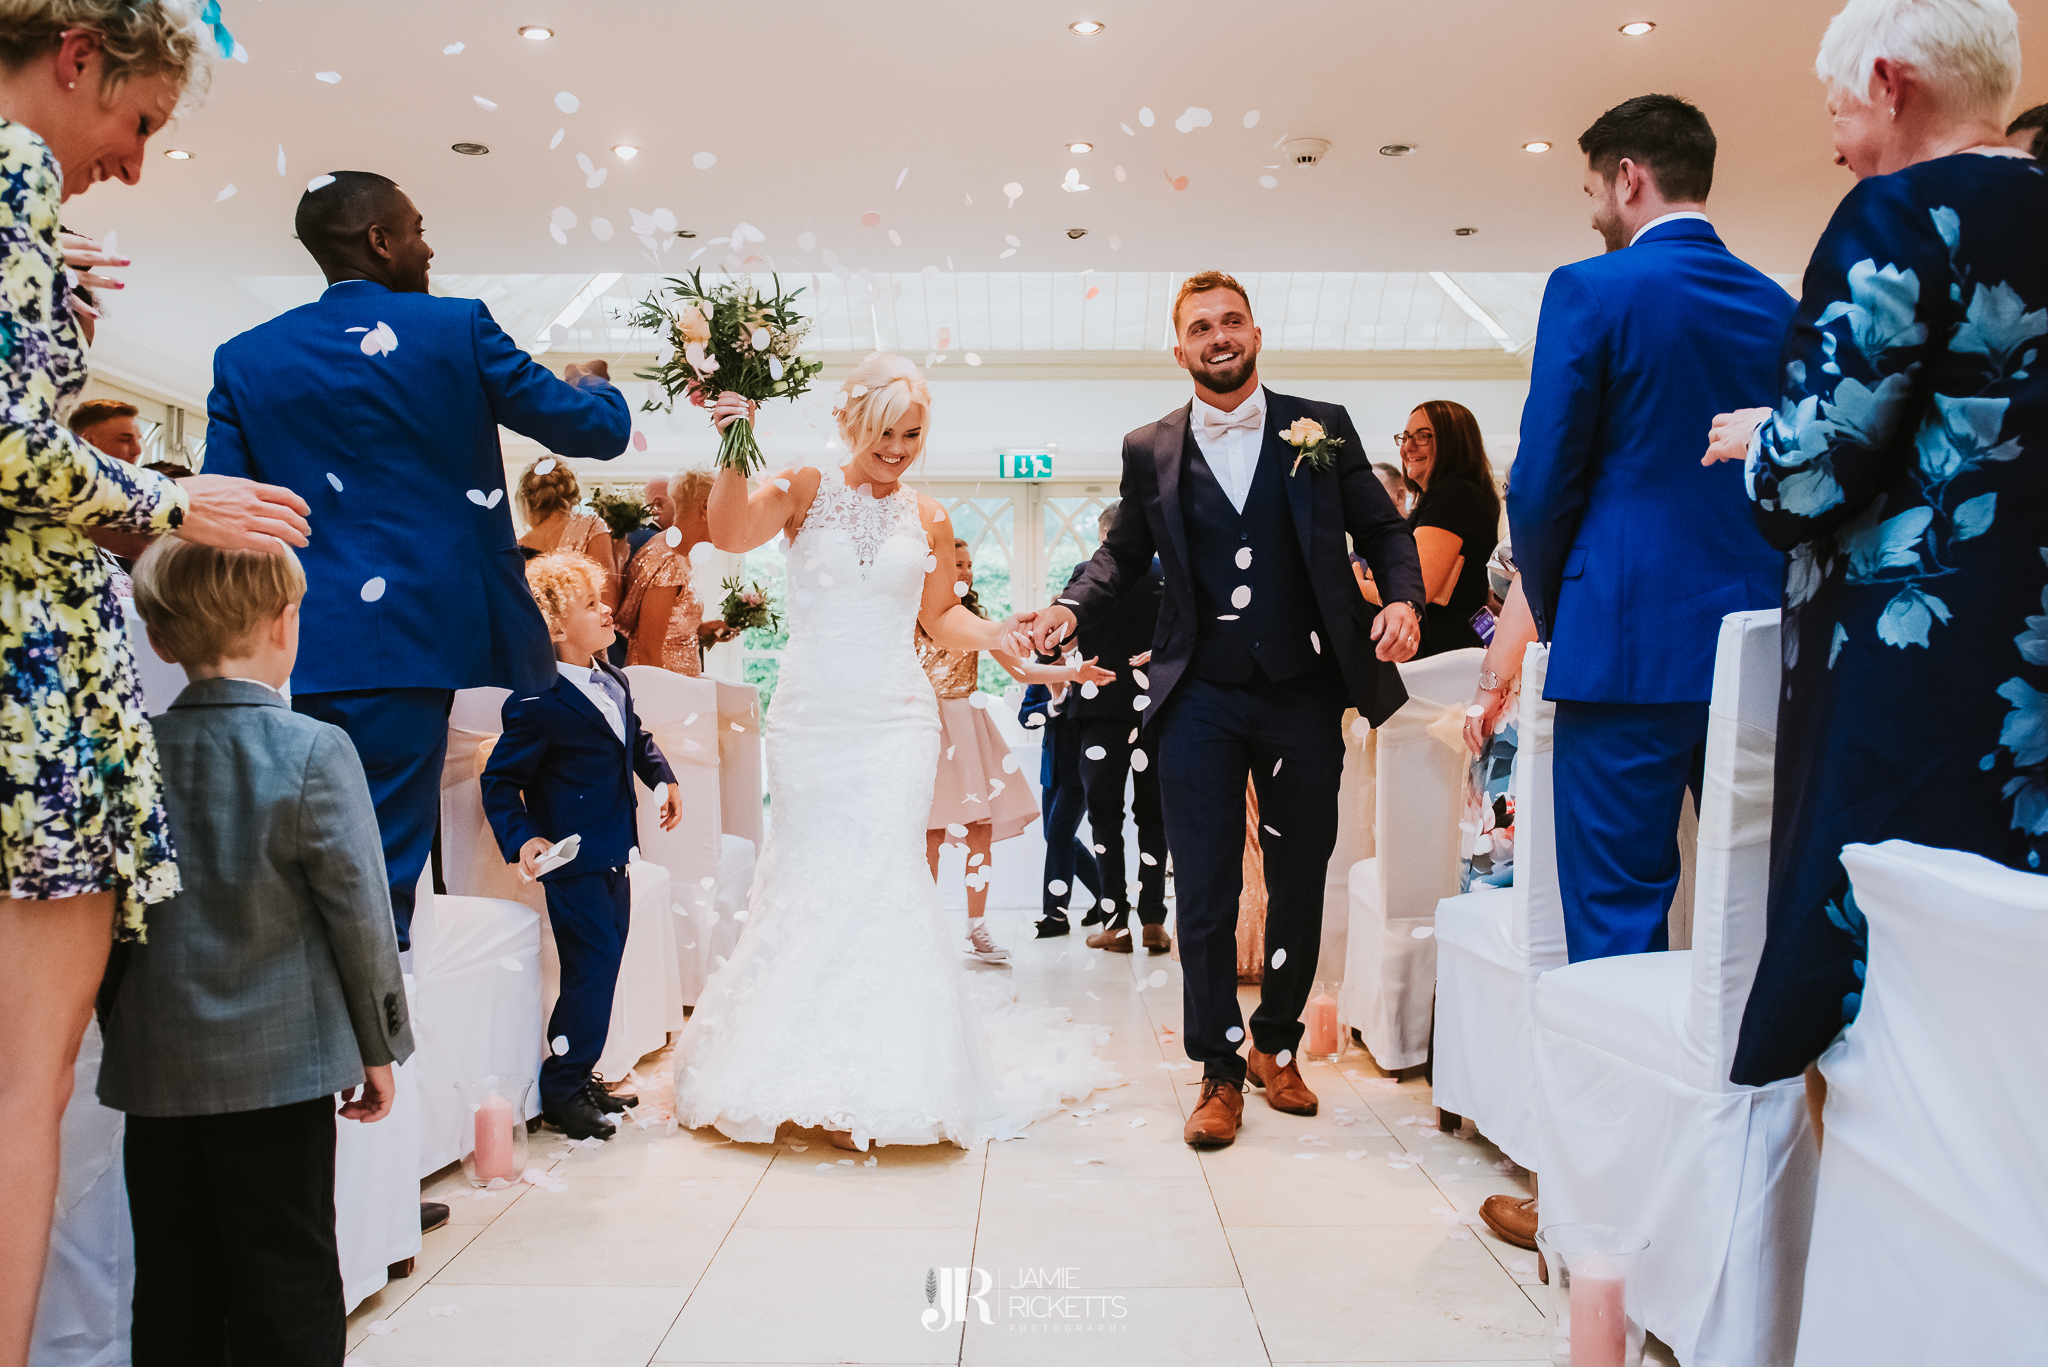 SAMBELLS WEDDING-27.05.2018-JR-135.jpg